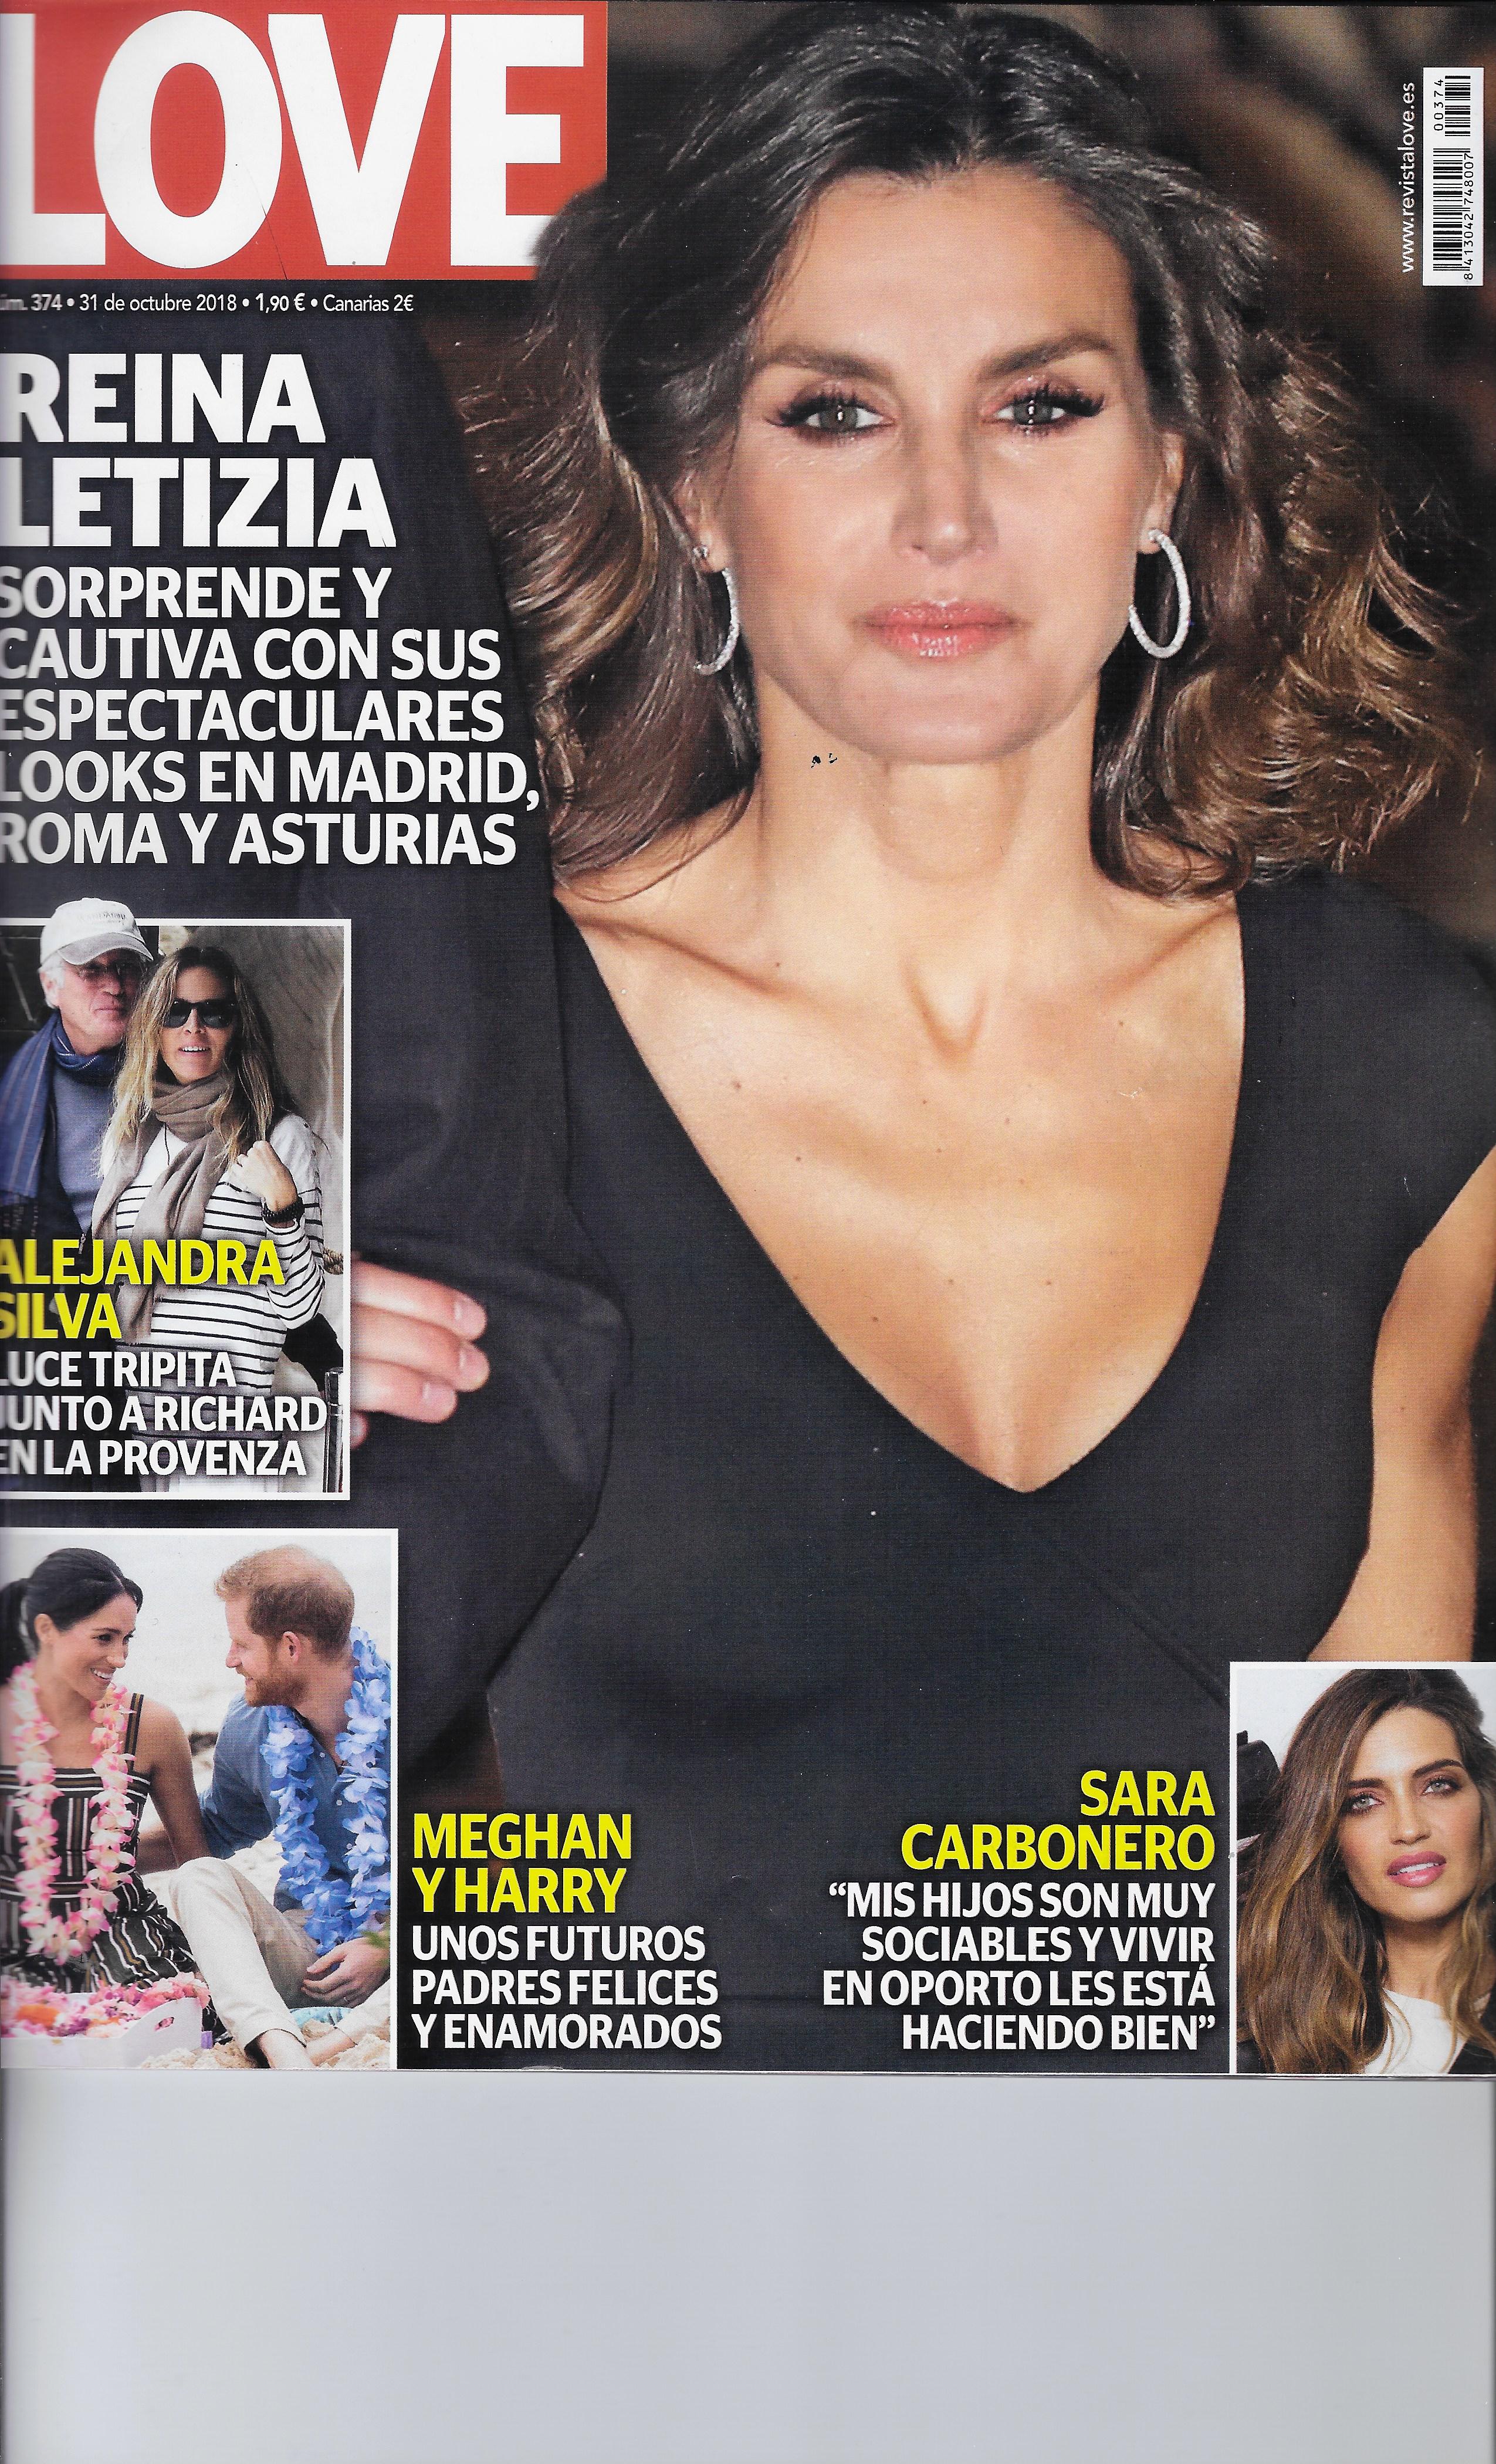 LOVE 31 octubre 2018 María Serralta